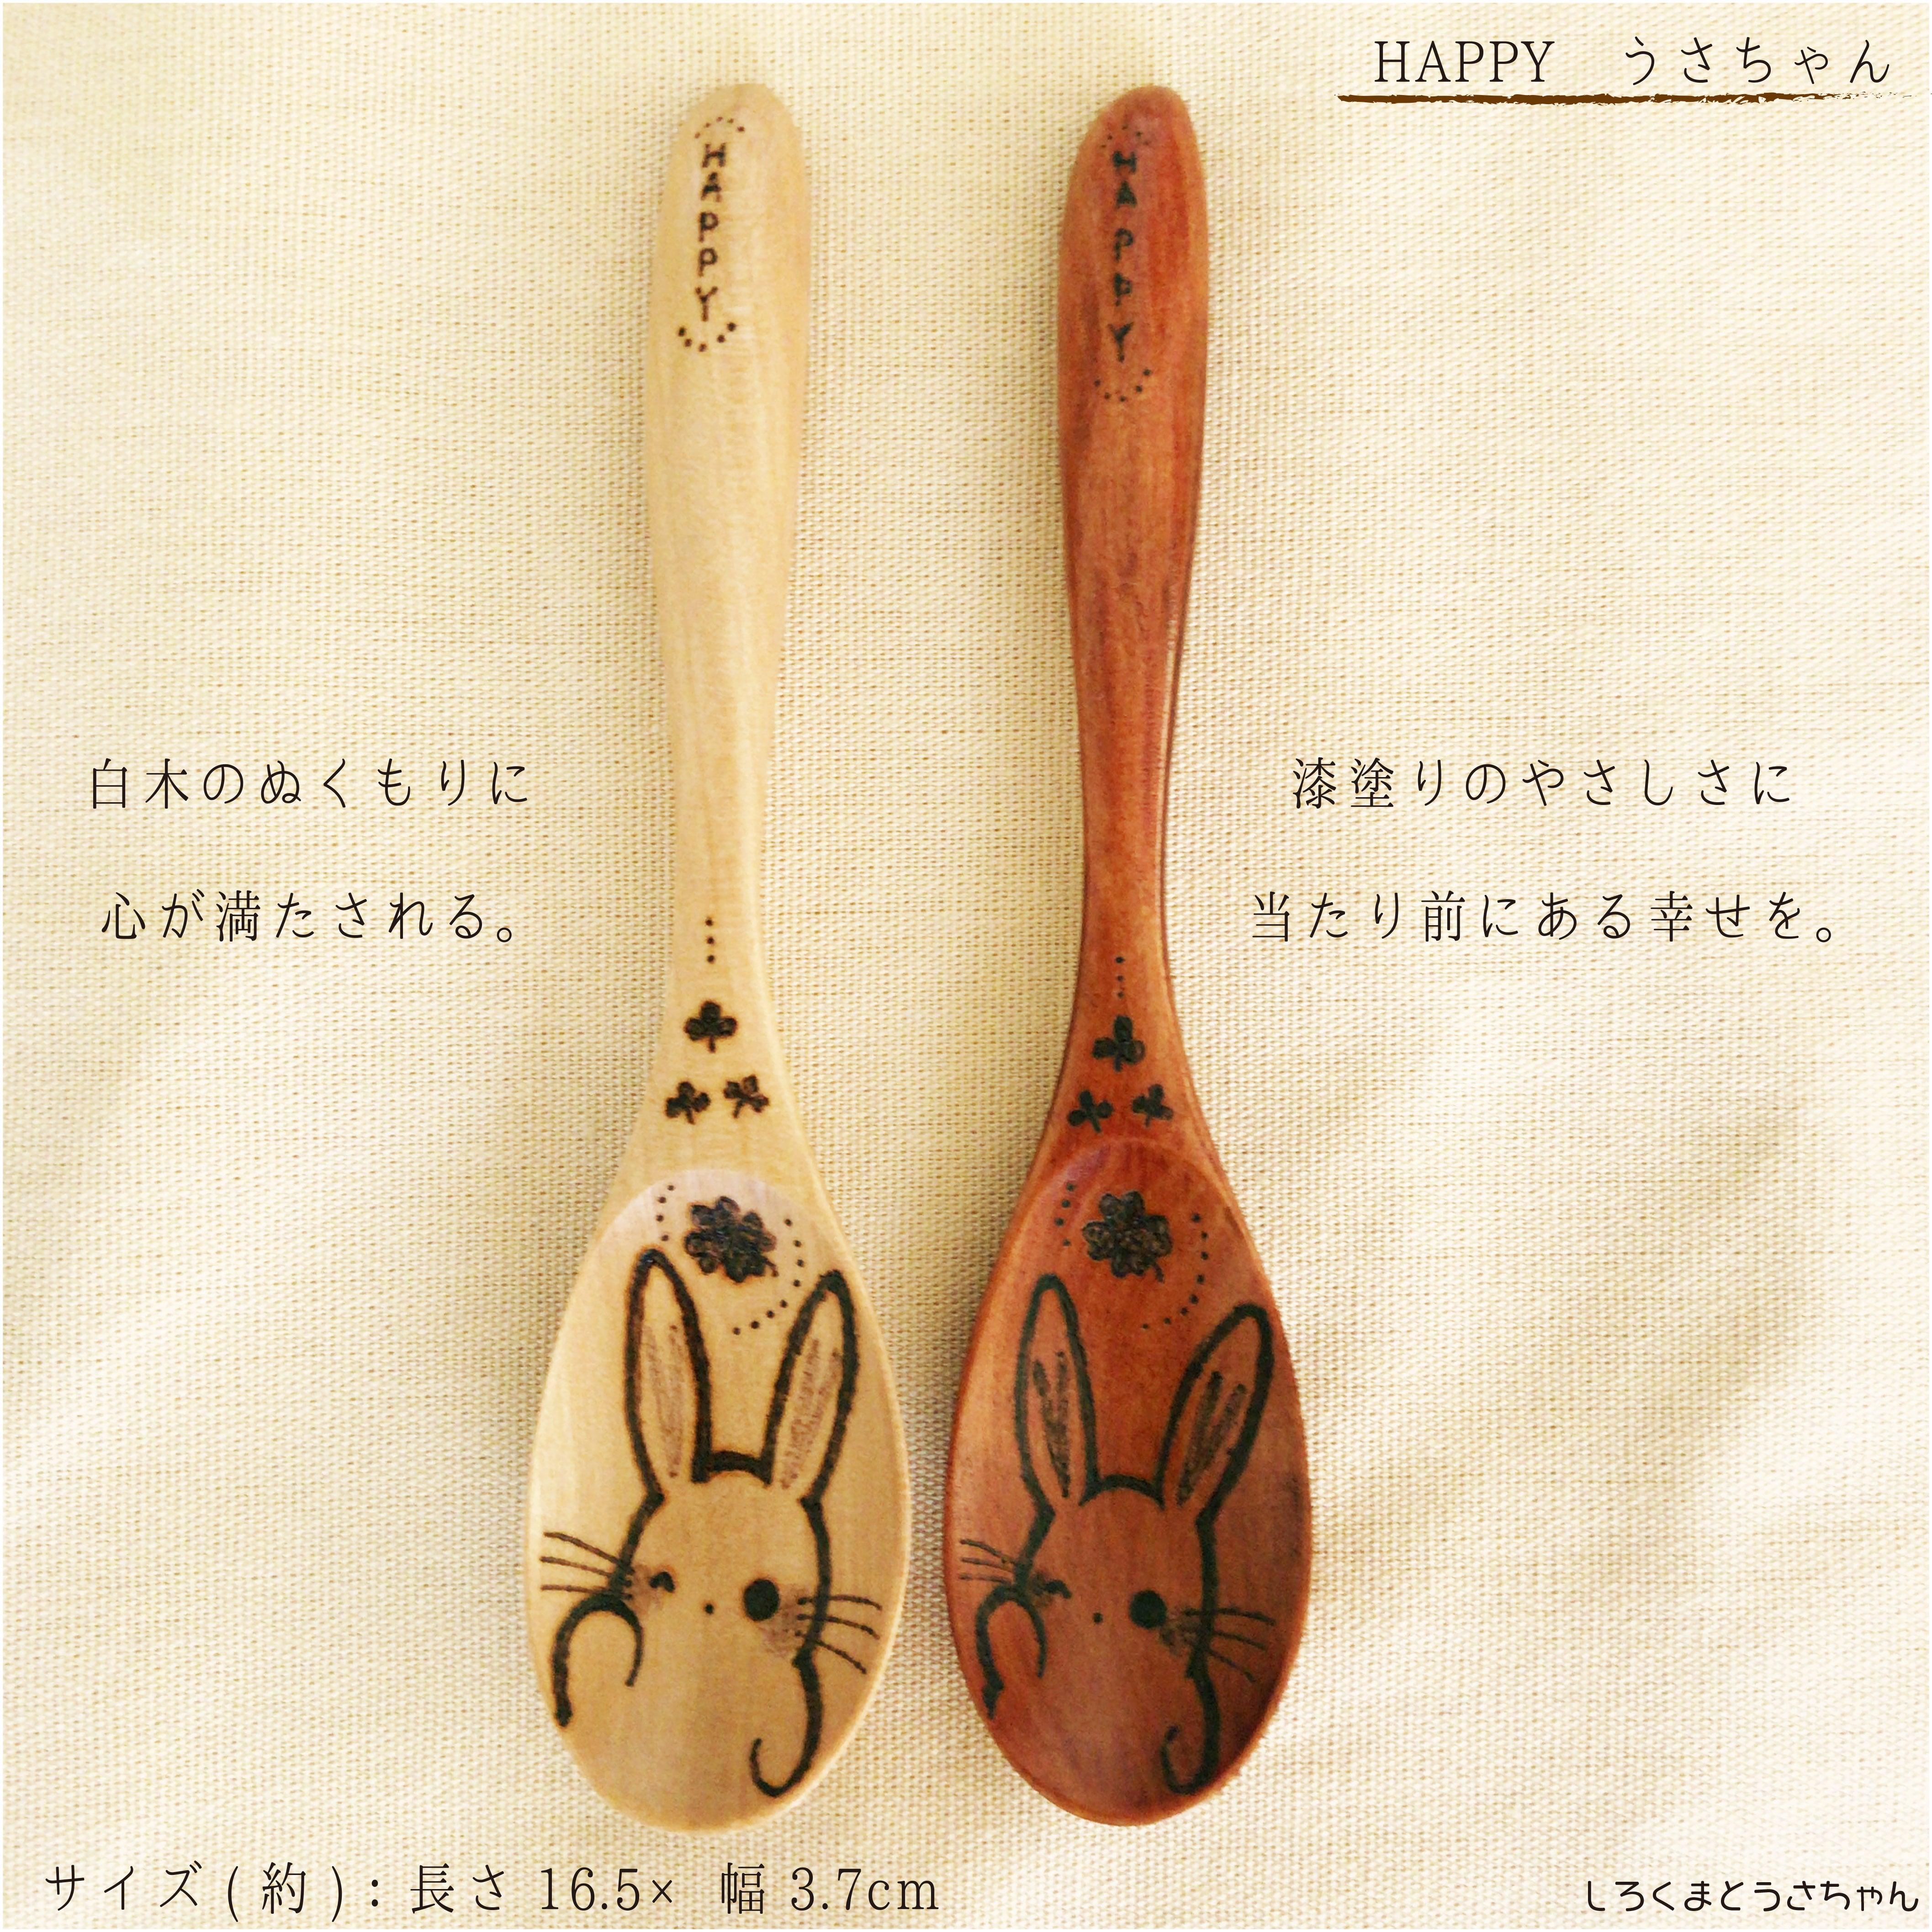 手描きイラスト 木のスプーン Happy しろくまとうさちゃん 天然